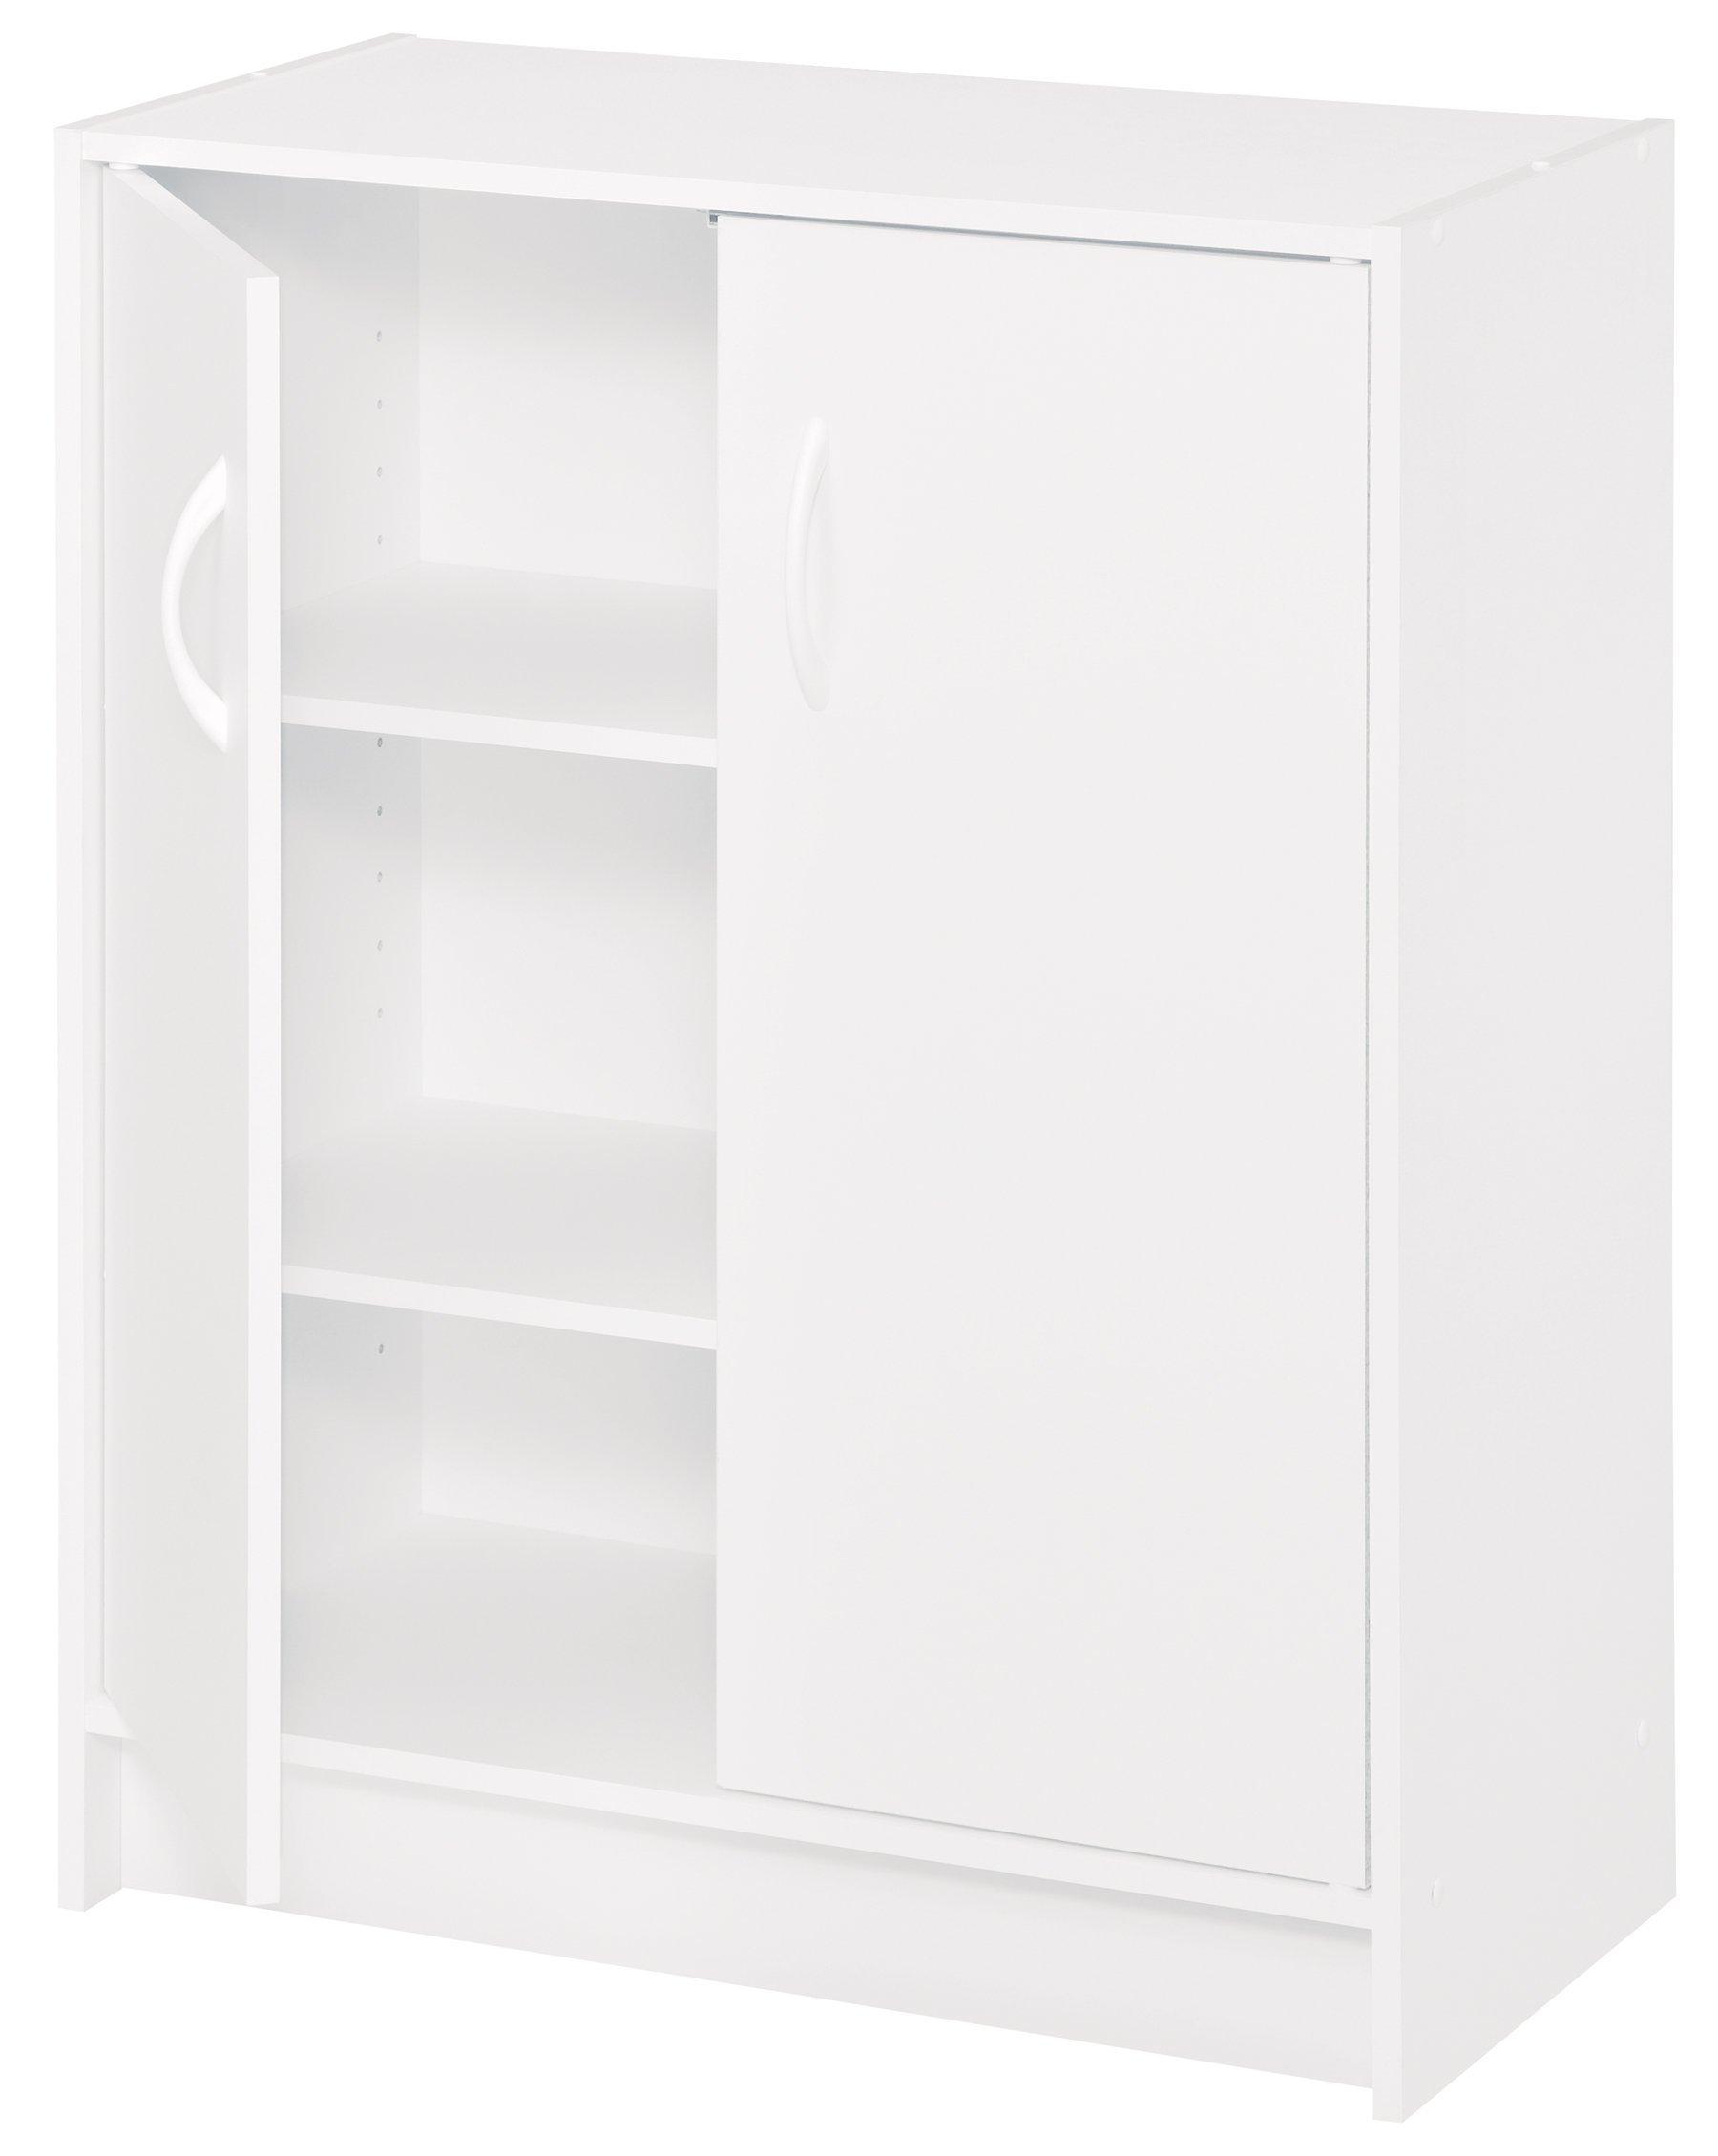 2 Door Storage Cabinet Kitchen Pantry Organizer Bathroom